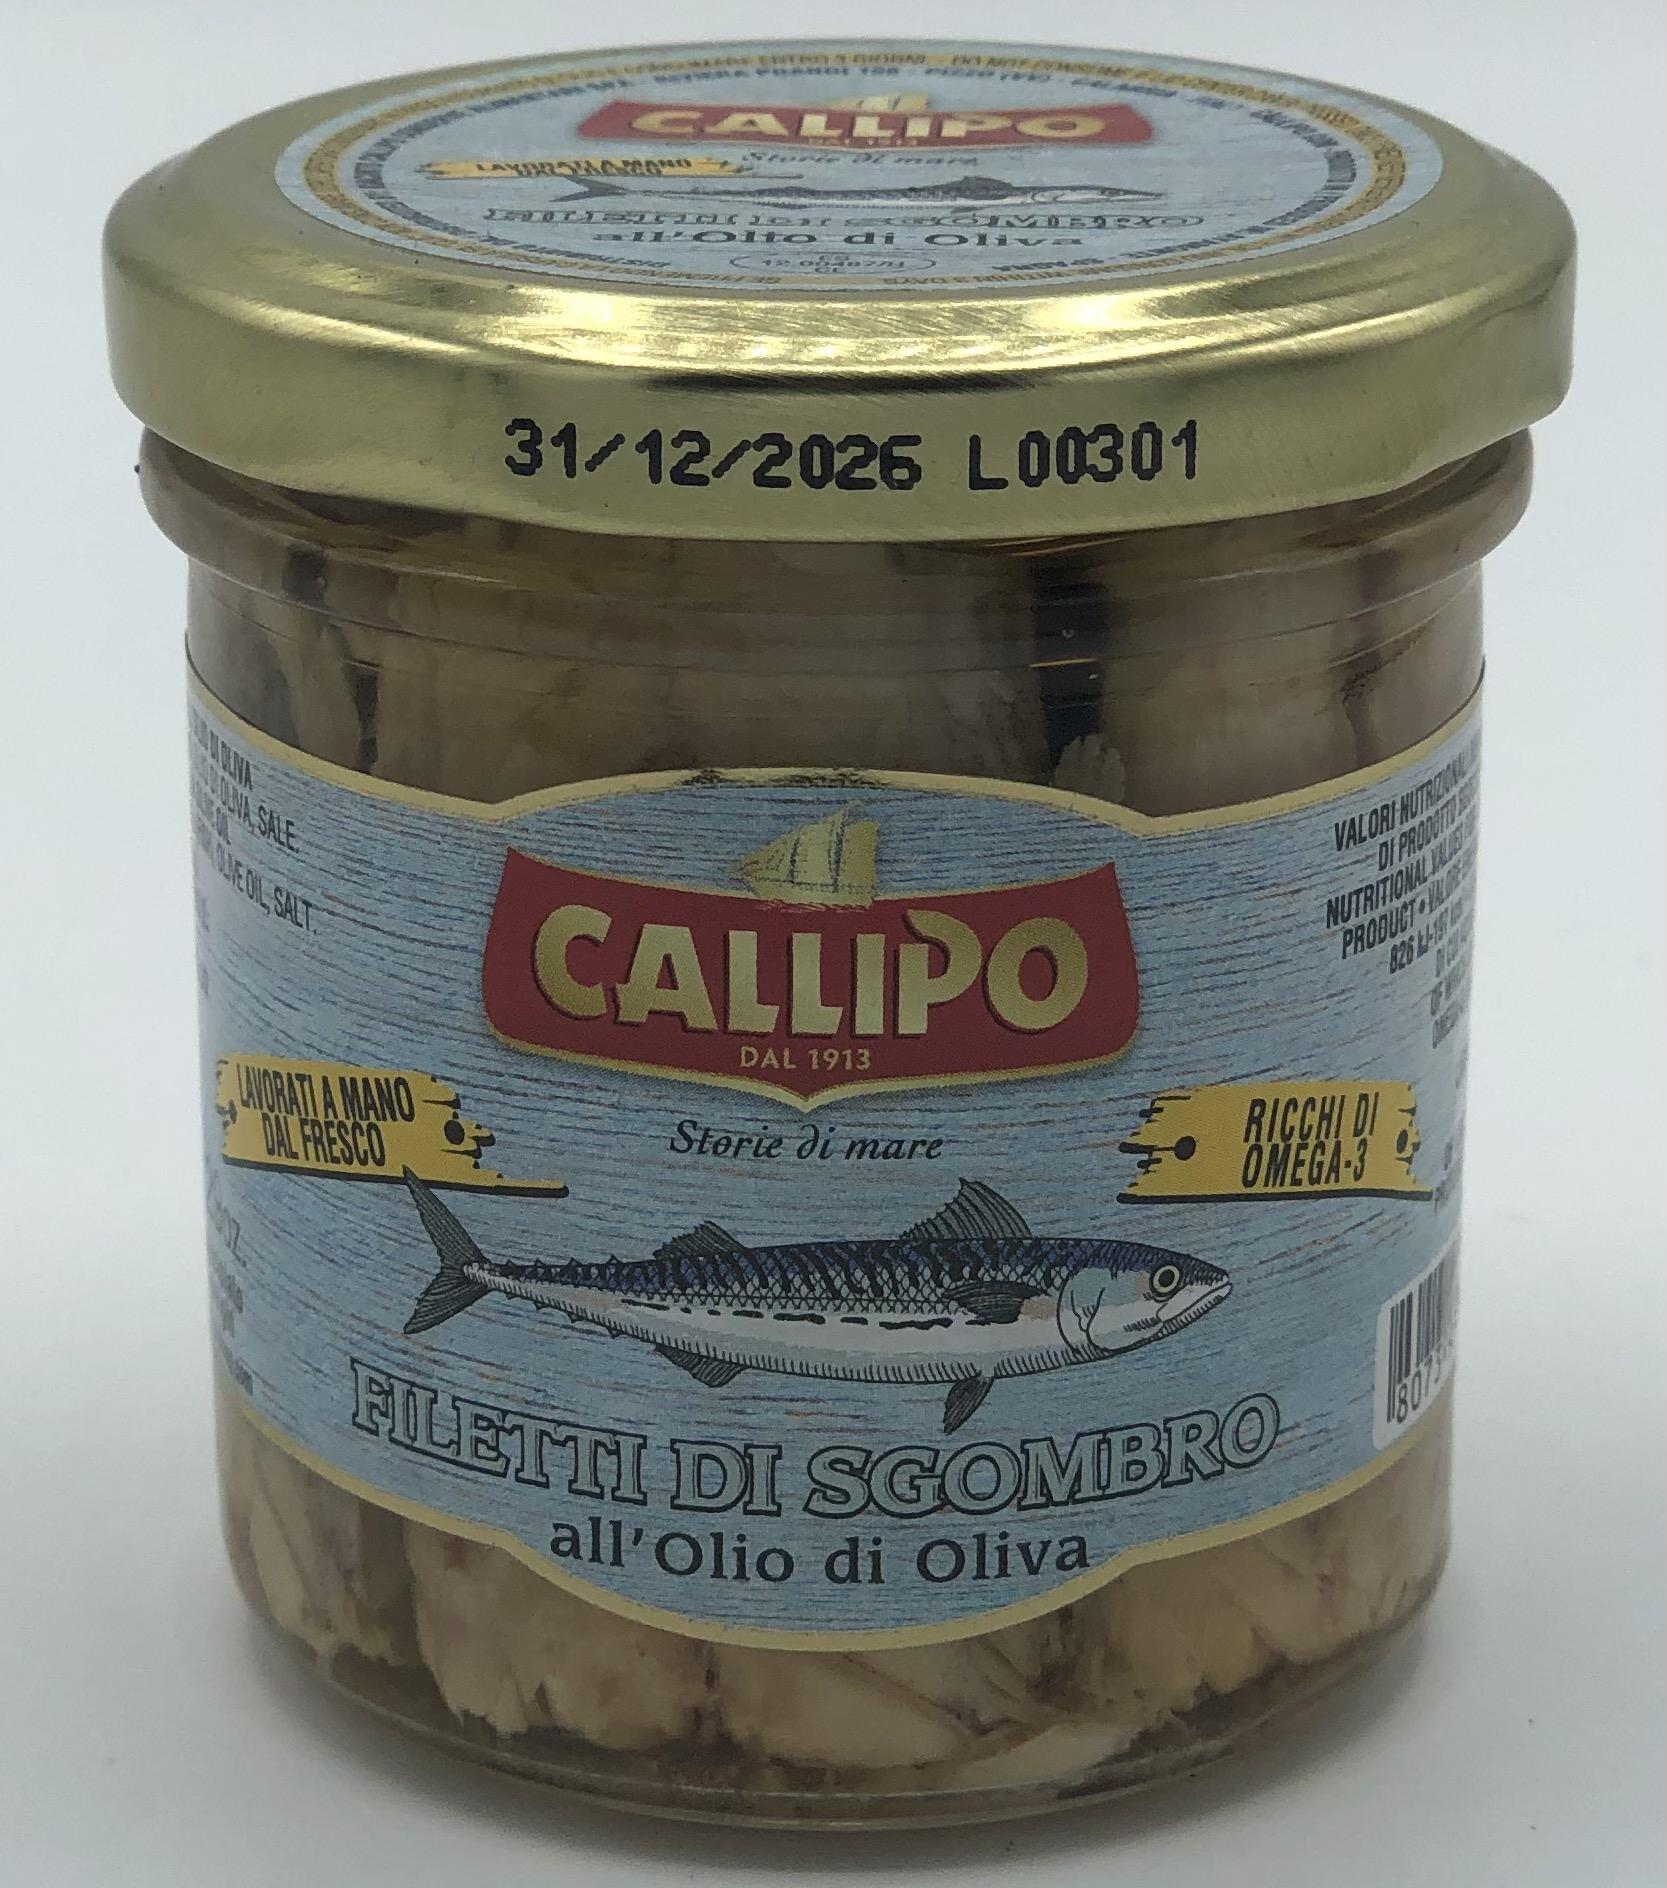 Callipo Filetti di Sgombro In Olio di Oliva GR.150